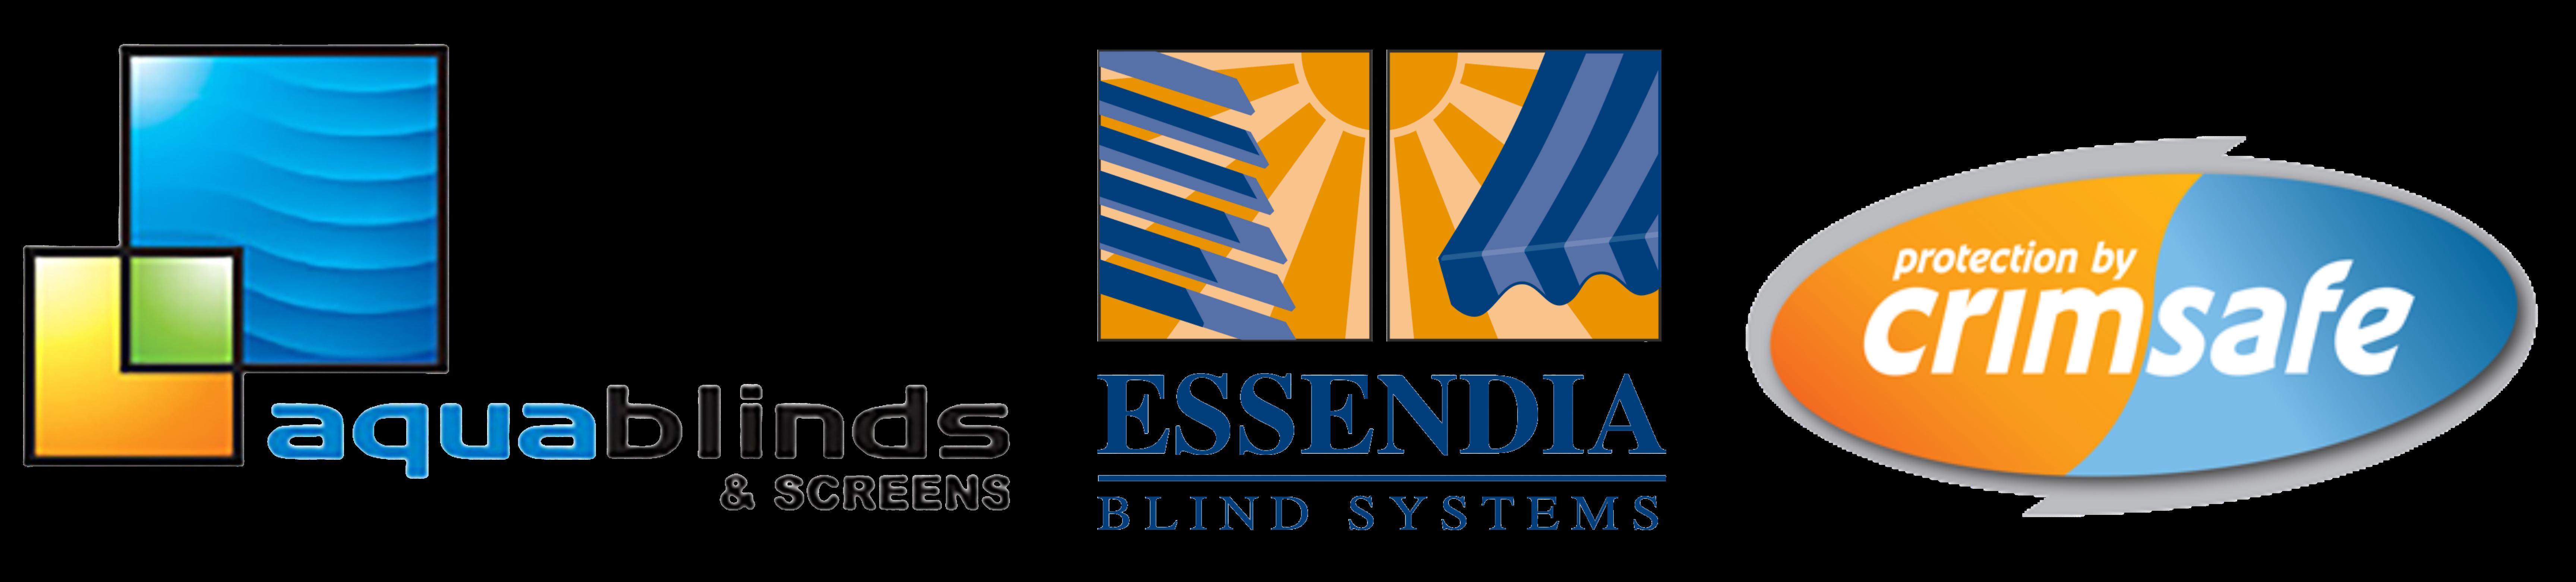 Aqua Blinds & Screens